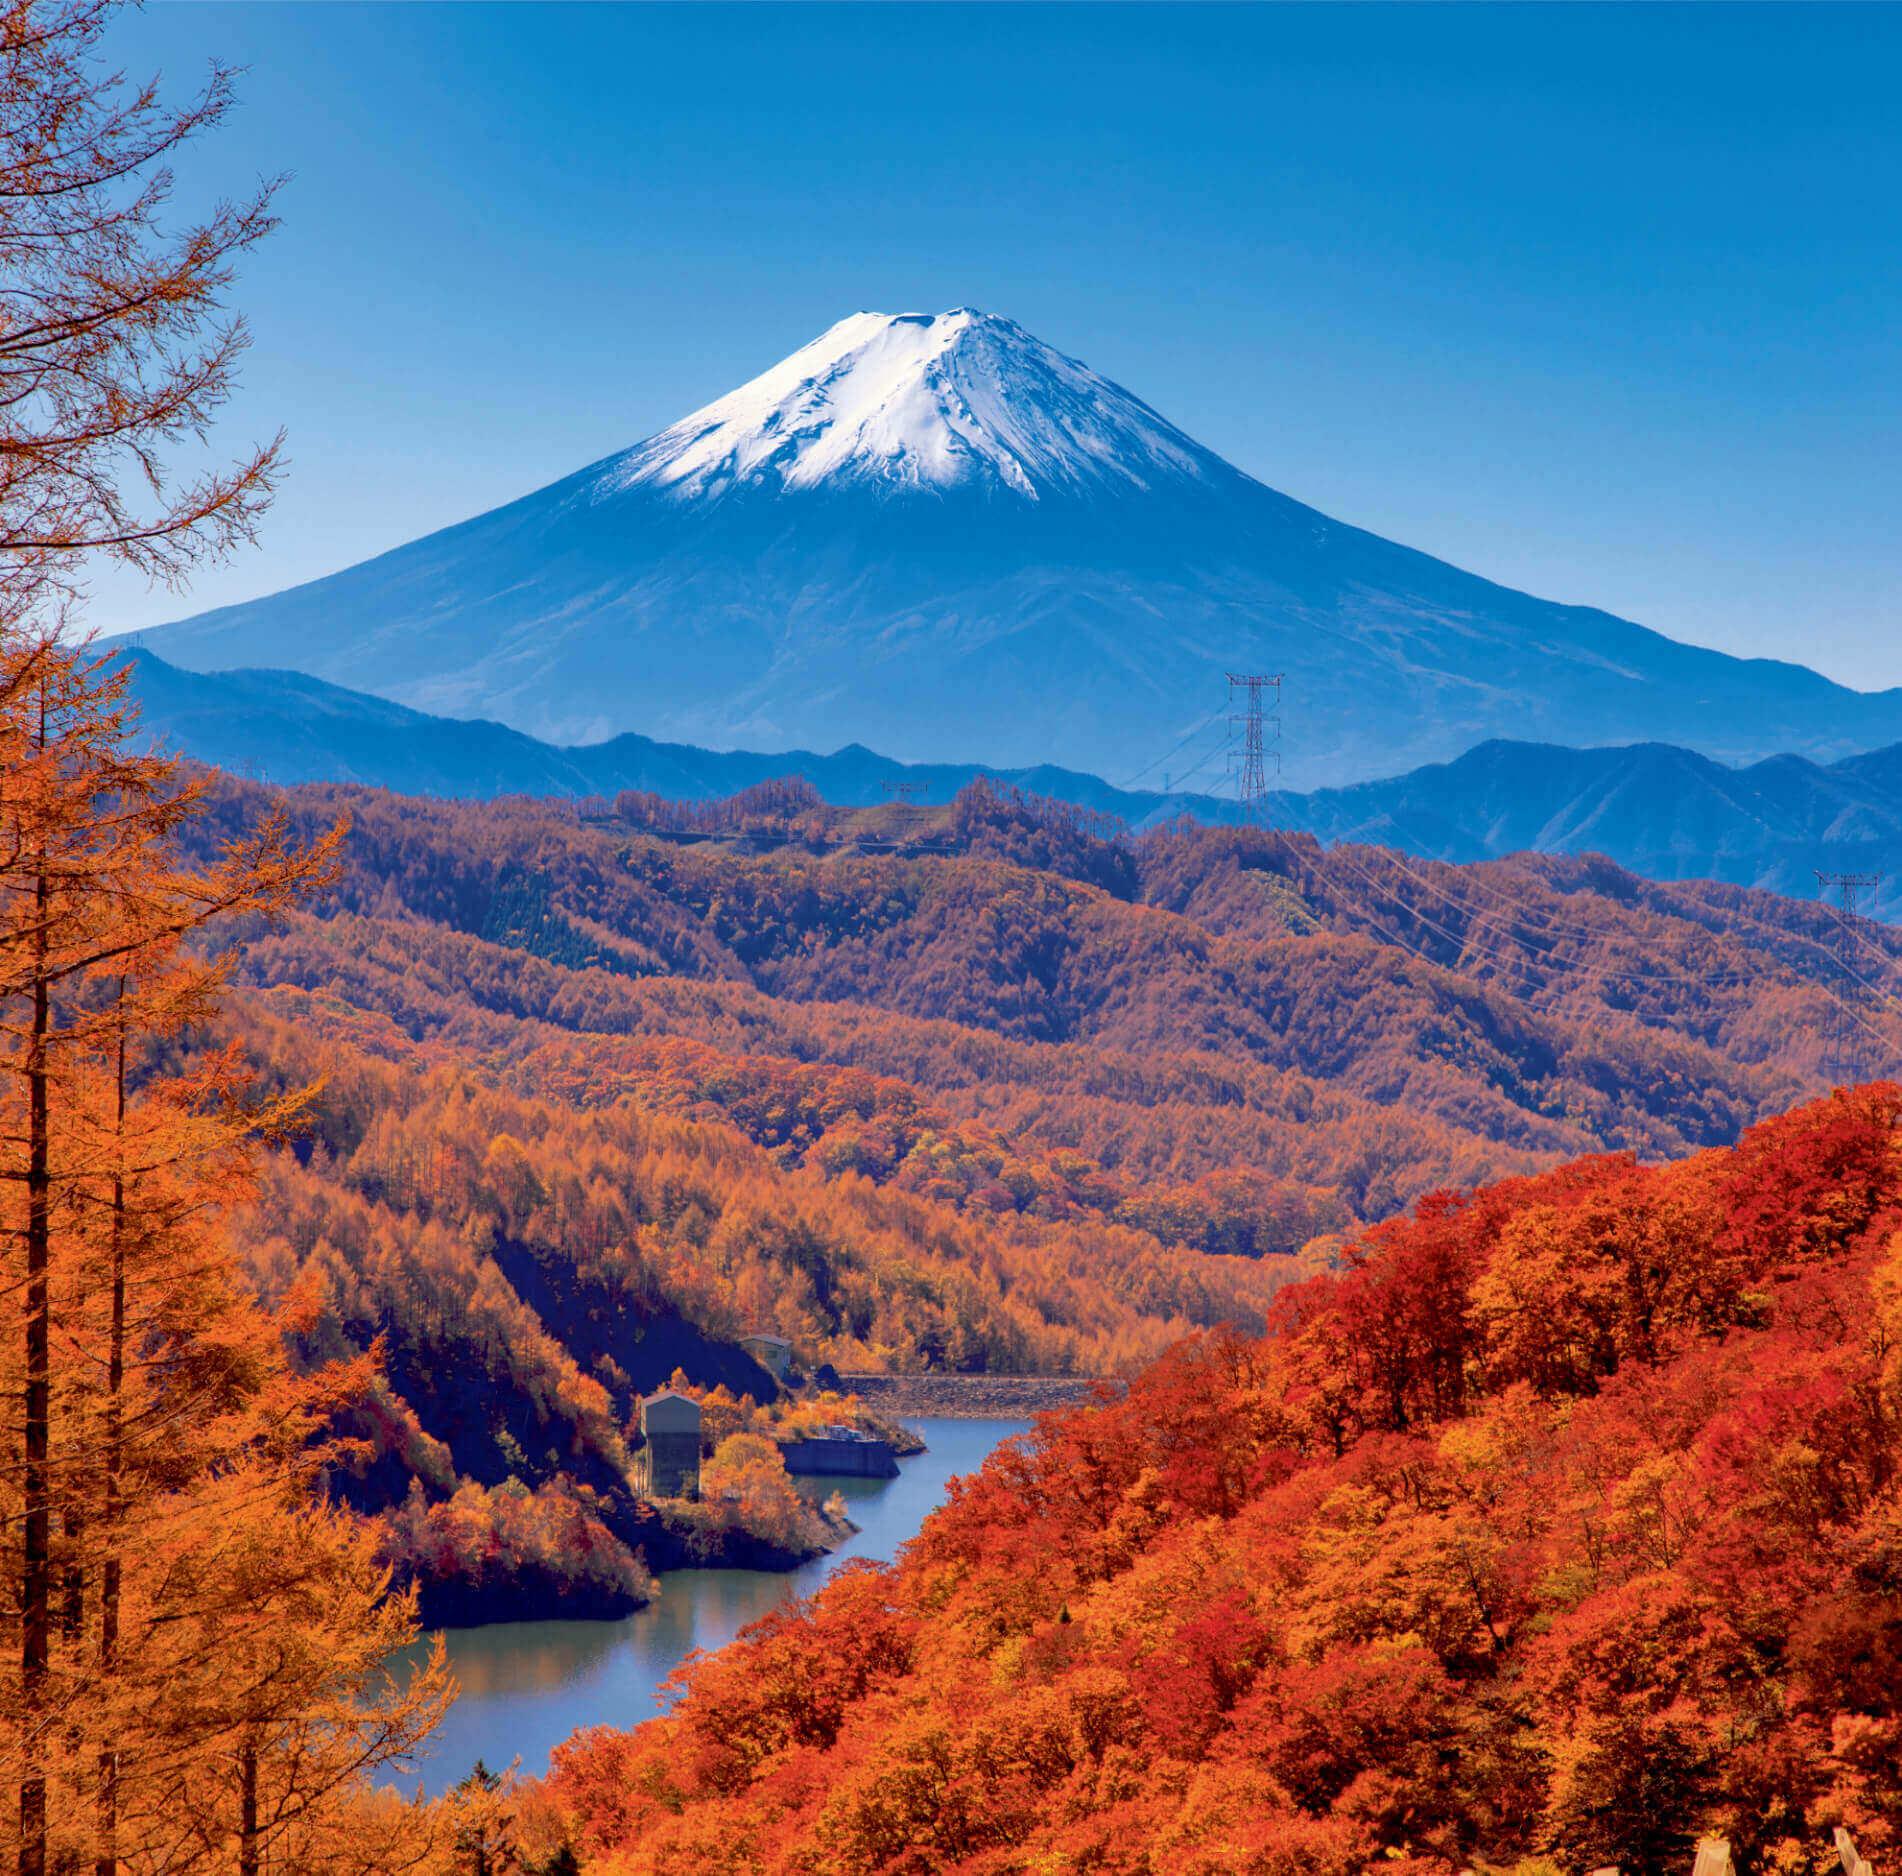 9-10月 大菩薩峠より(山梨) 富士山(フィルムカレンダー) 2022年カレンダーの画像